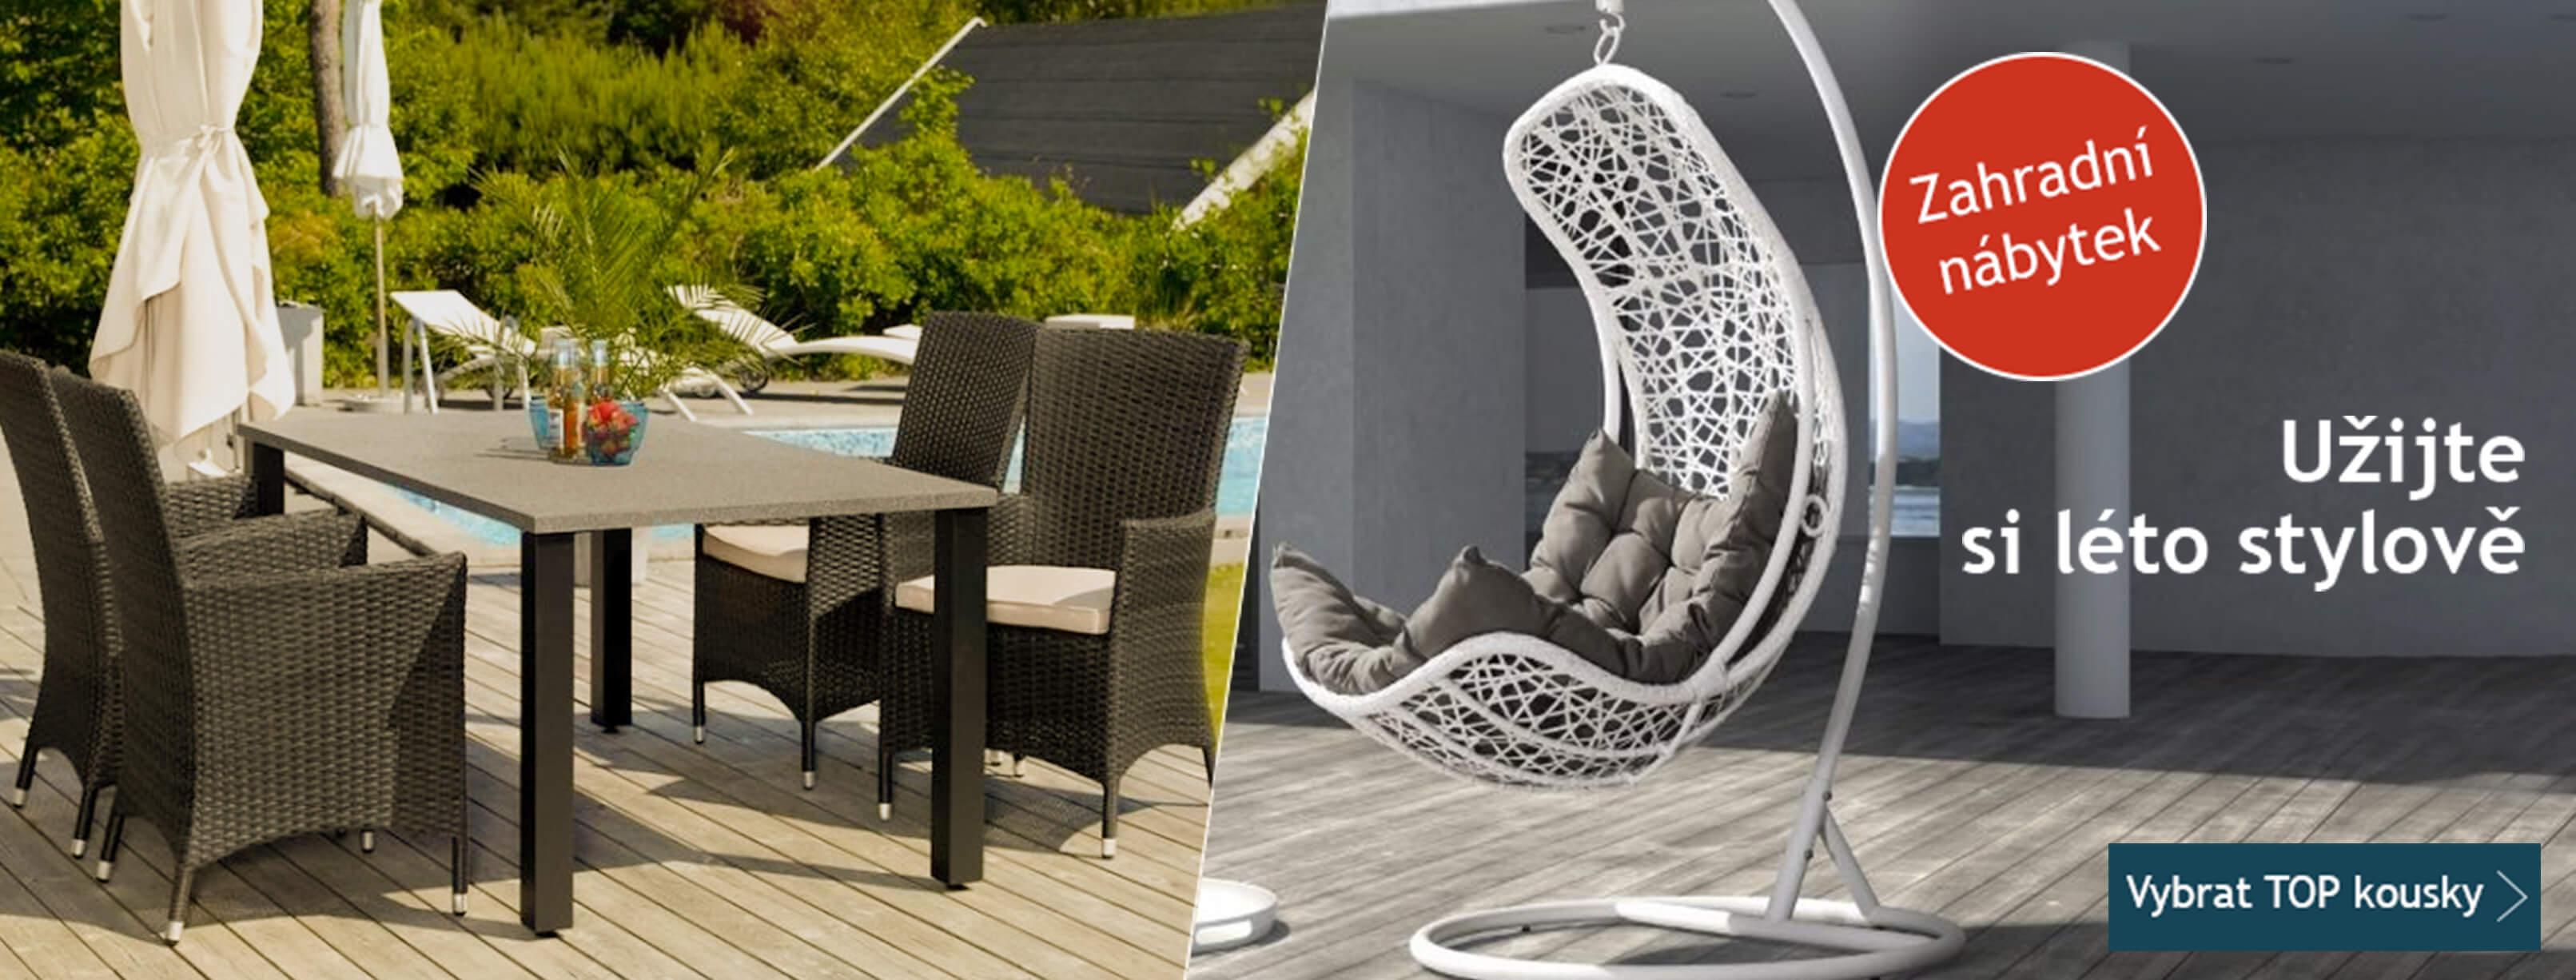 Zahradní nábytek - Užijte si léto stylově